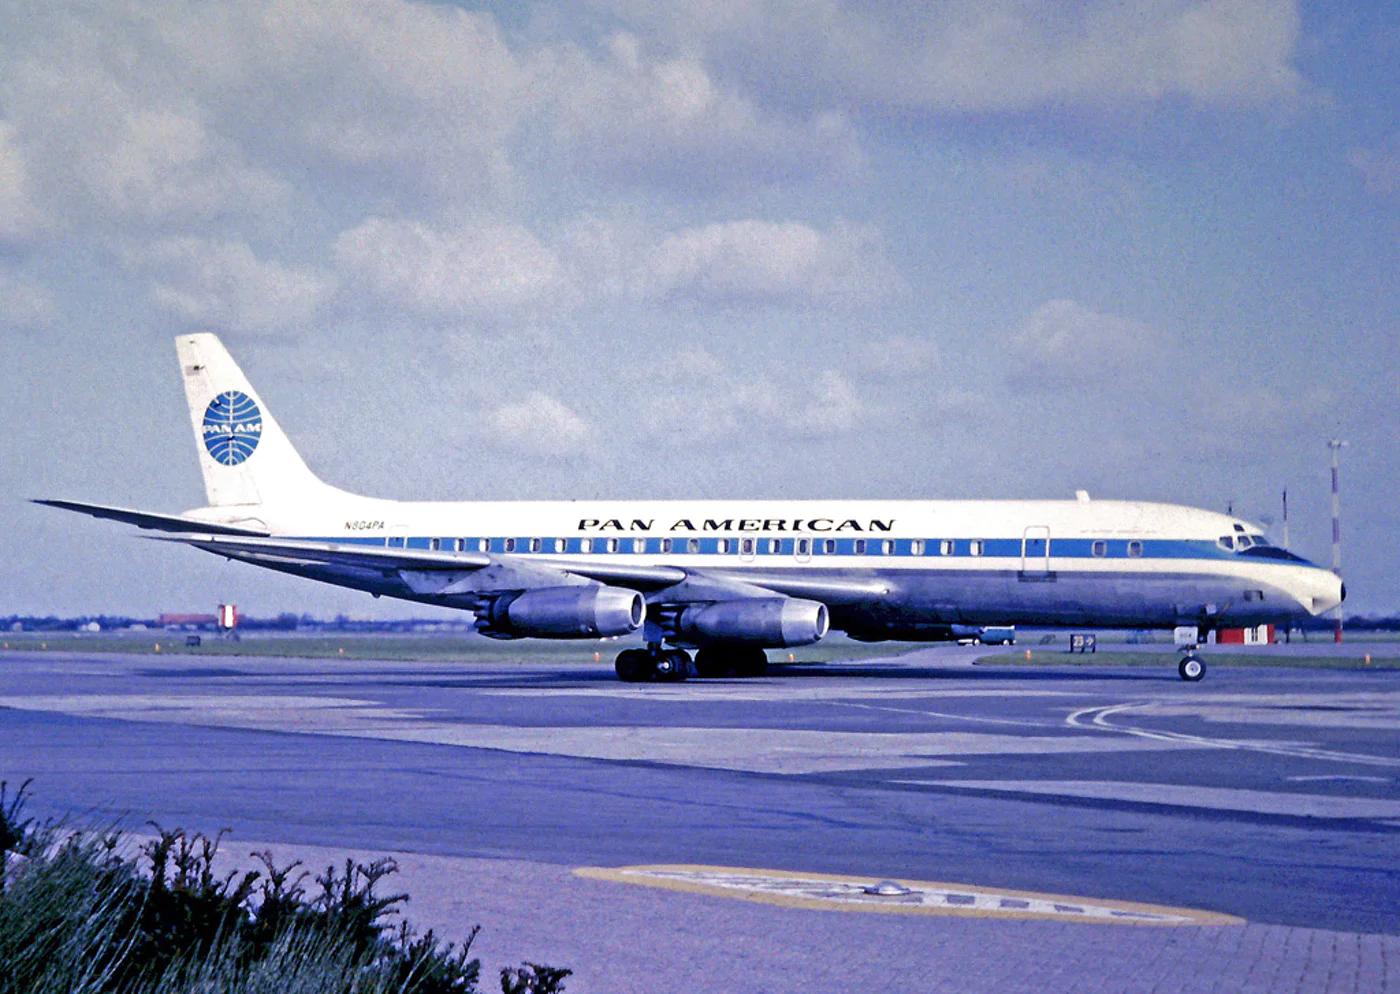 Avion de la Pan American Airlines, compagnie très populaire dans les années 50-60